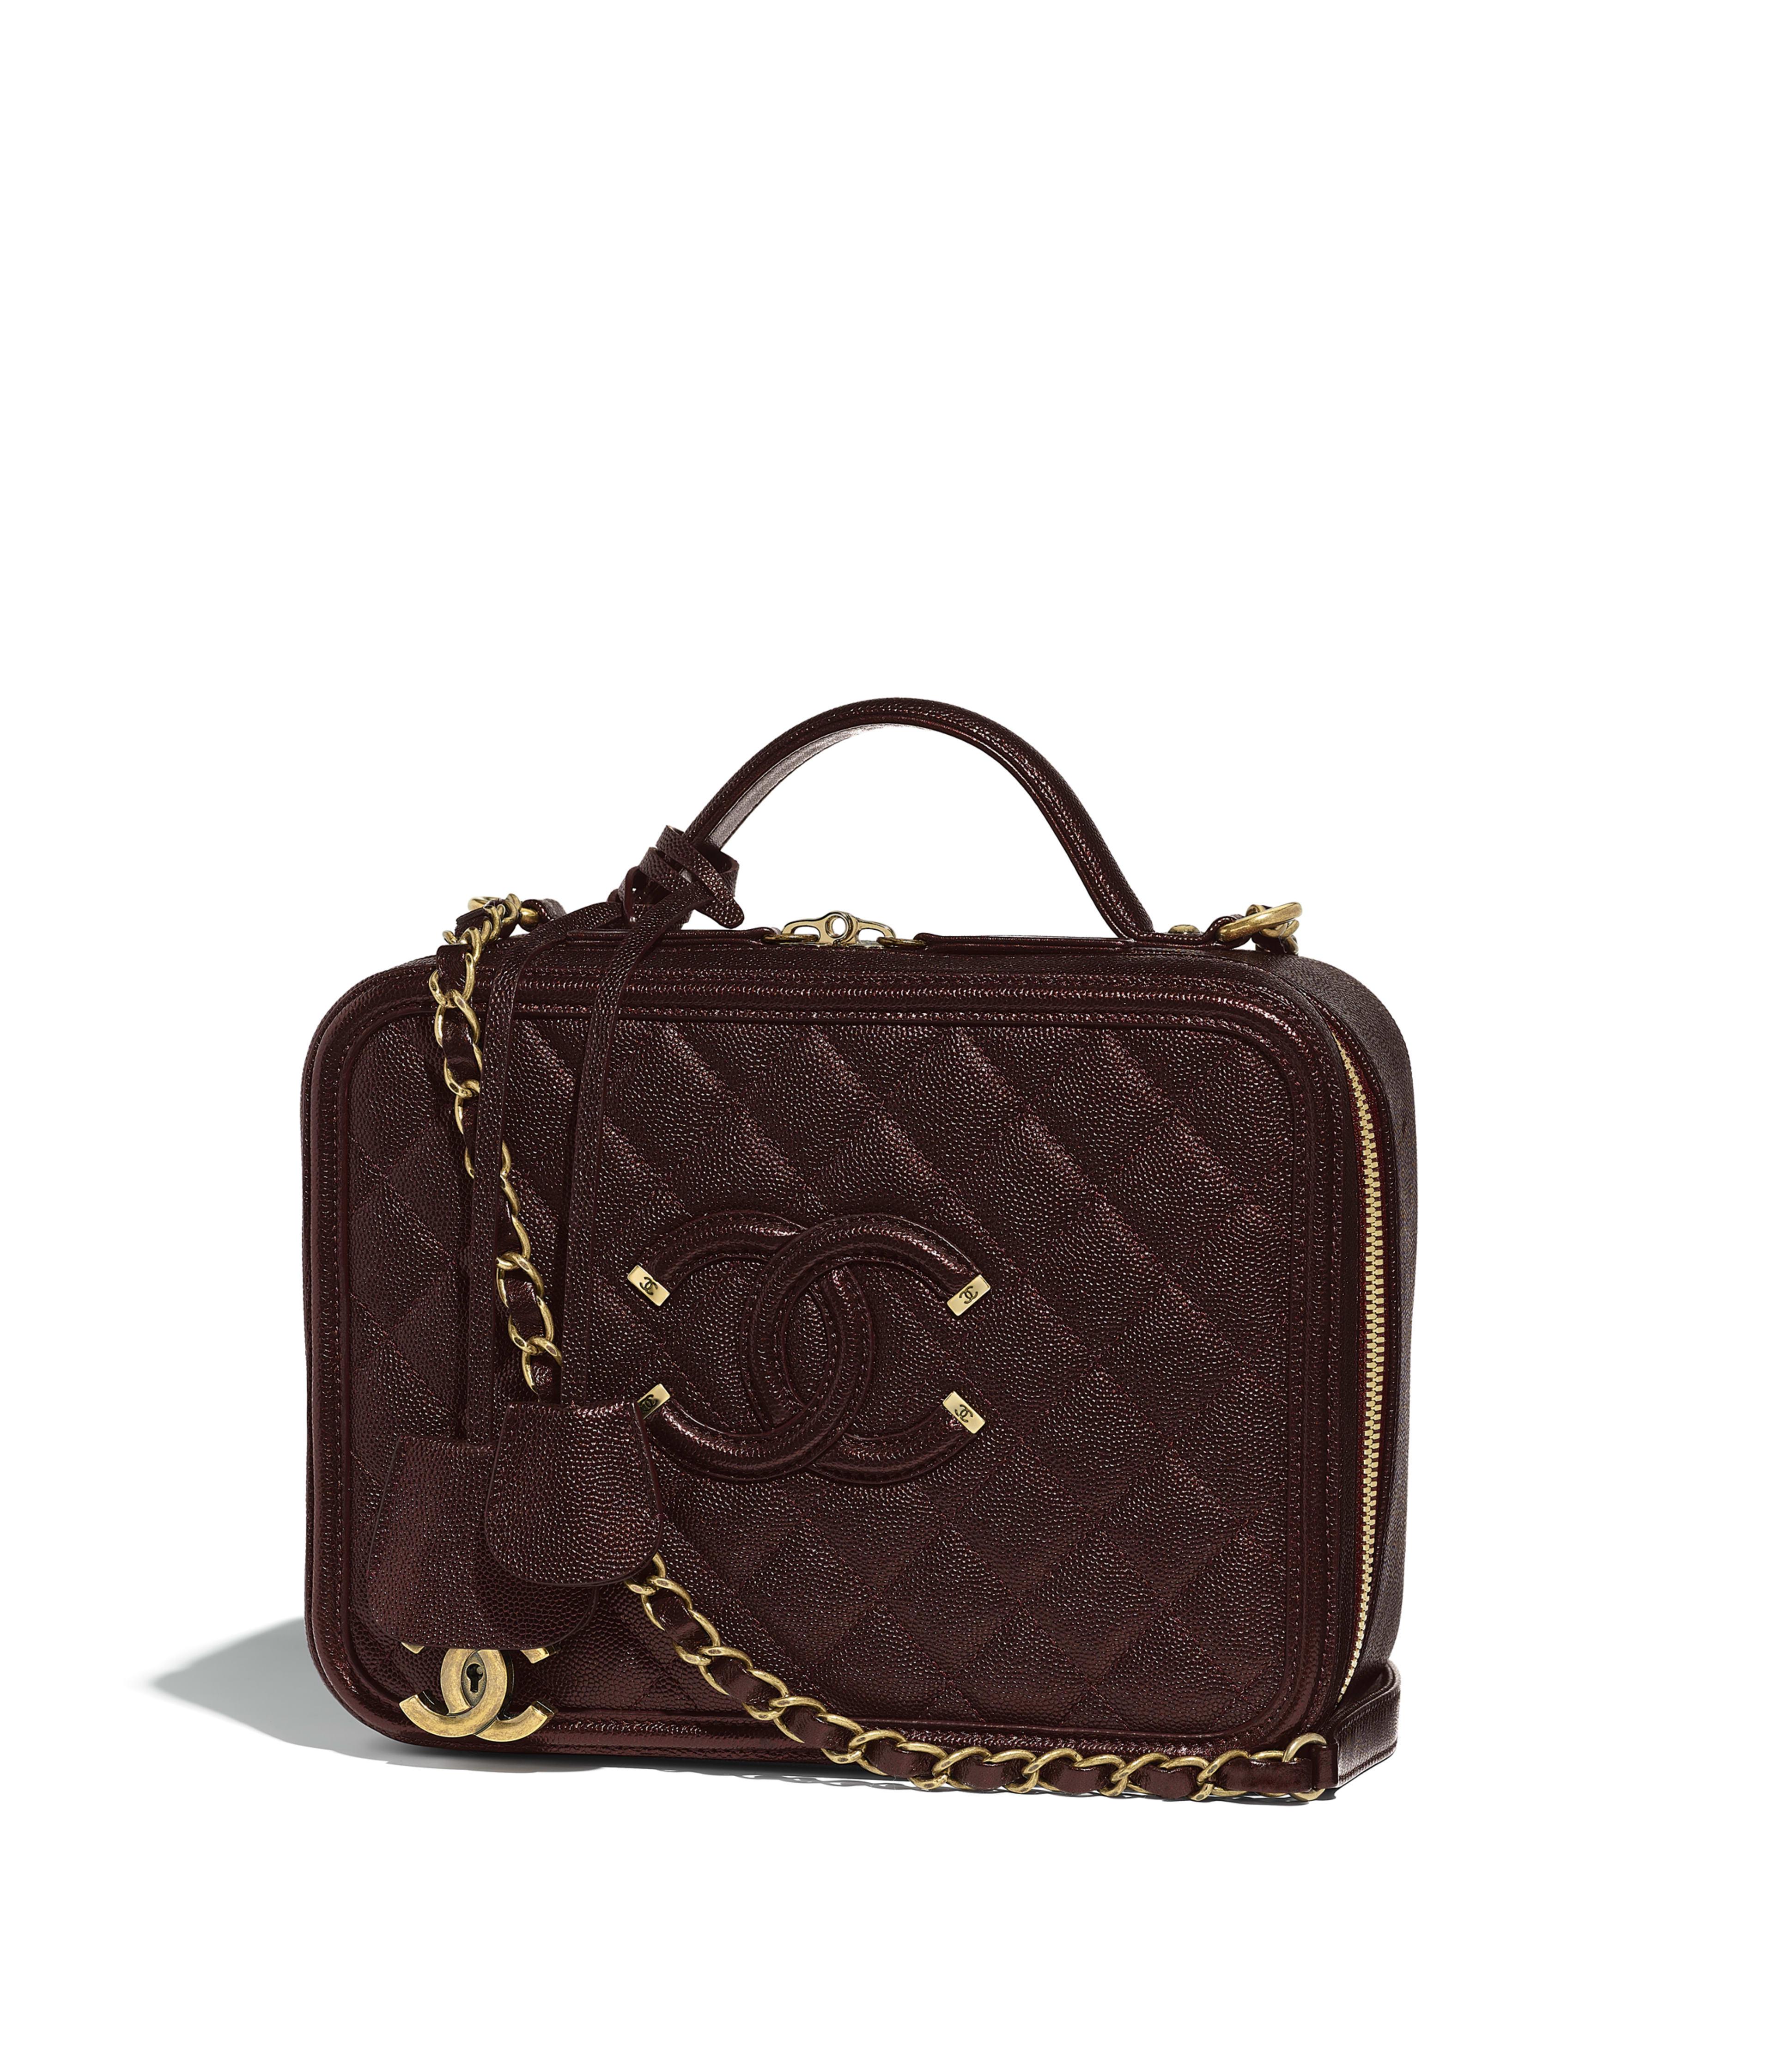 Handbags - Fashion   CHANEL